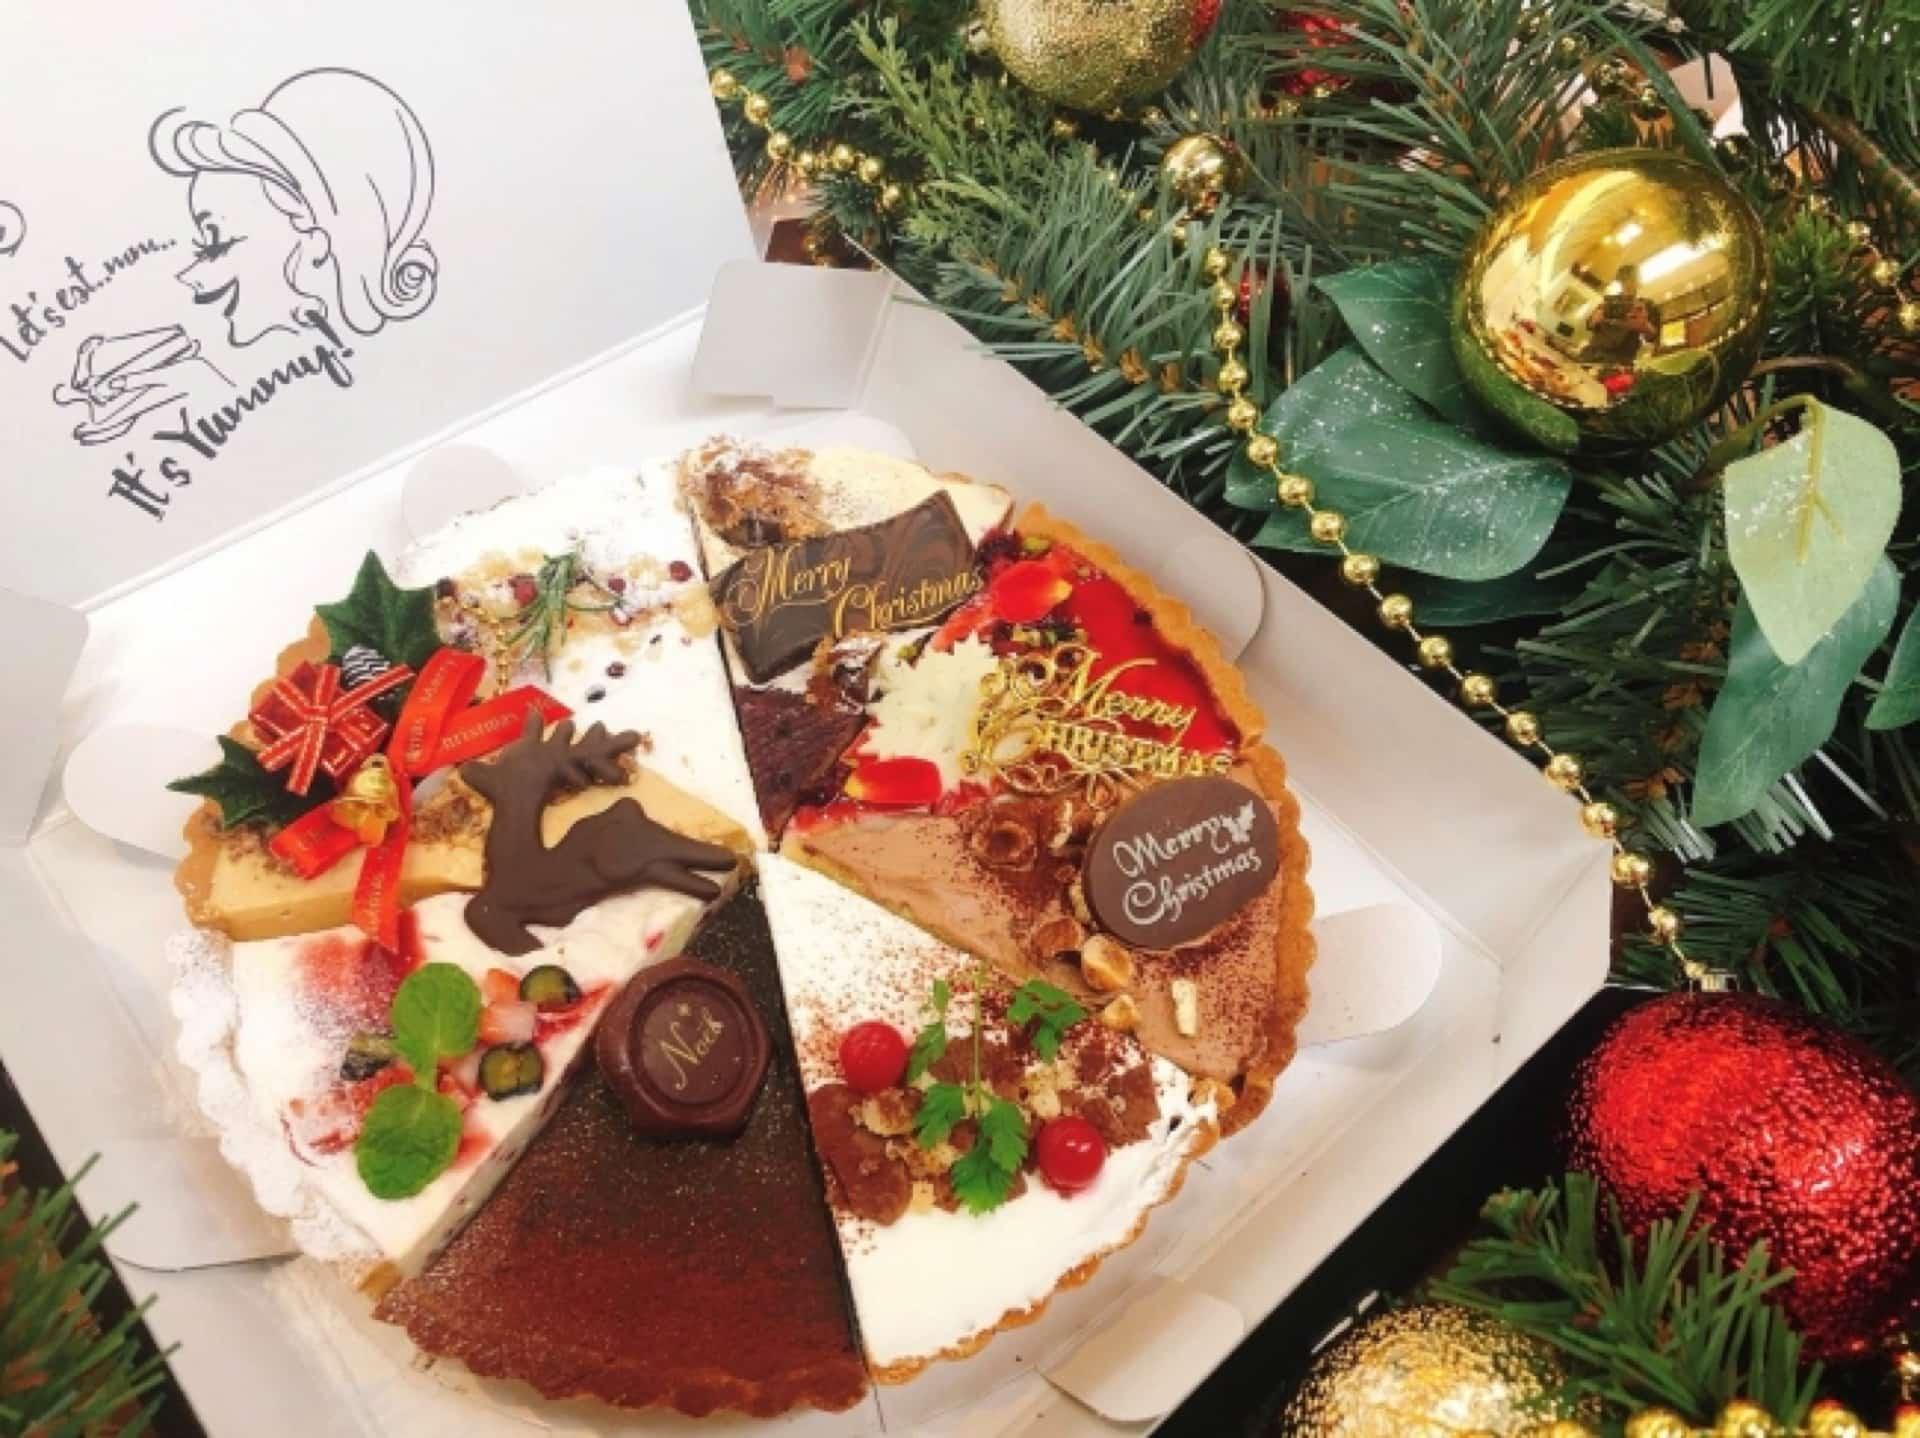 マルサンカクシカクも!神戸マルイの2018年のクリスマスケーキ&スイーツをチェック✔️